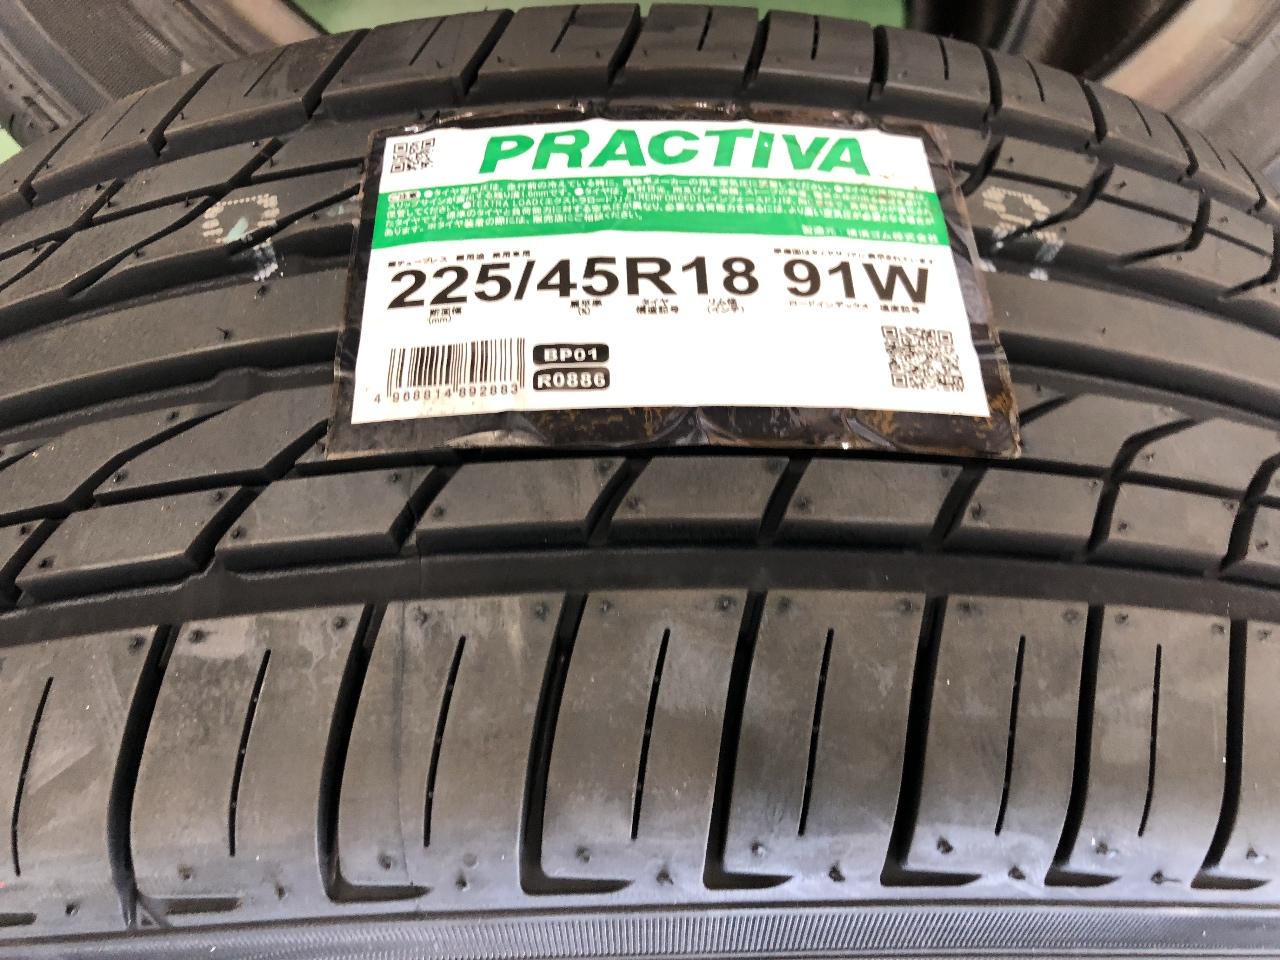 タイヤ交換をイエローハットで実施!早くて安い!?時間と費用はこれだけかかった!